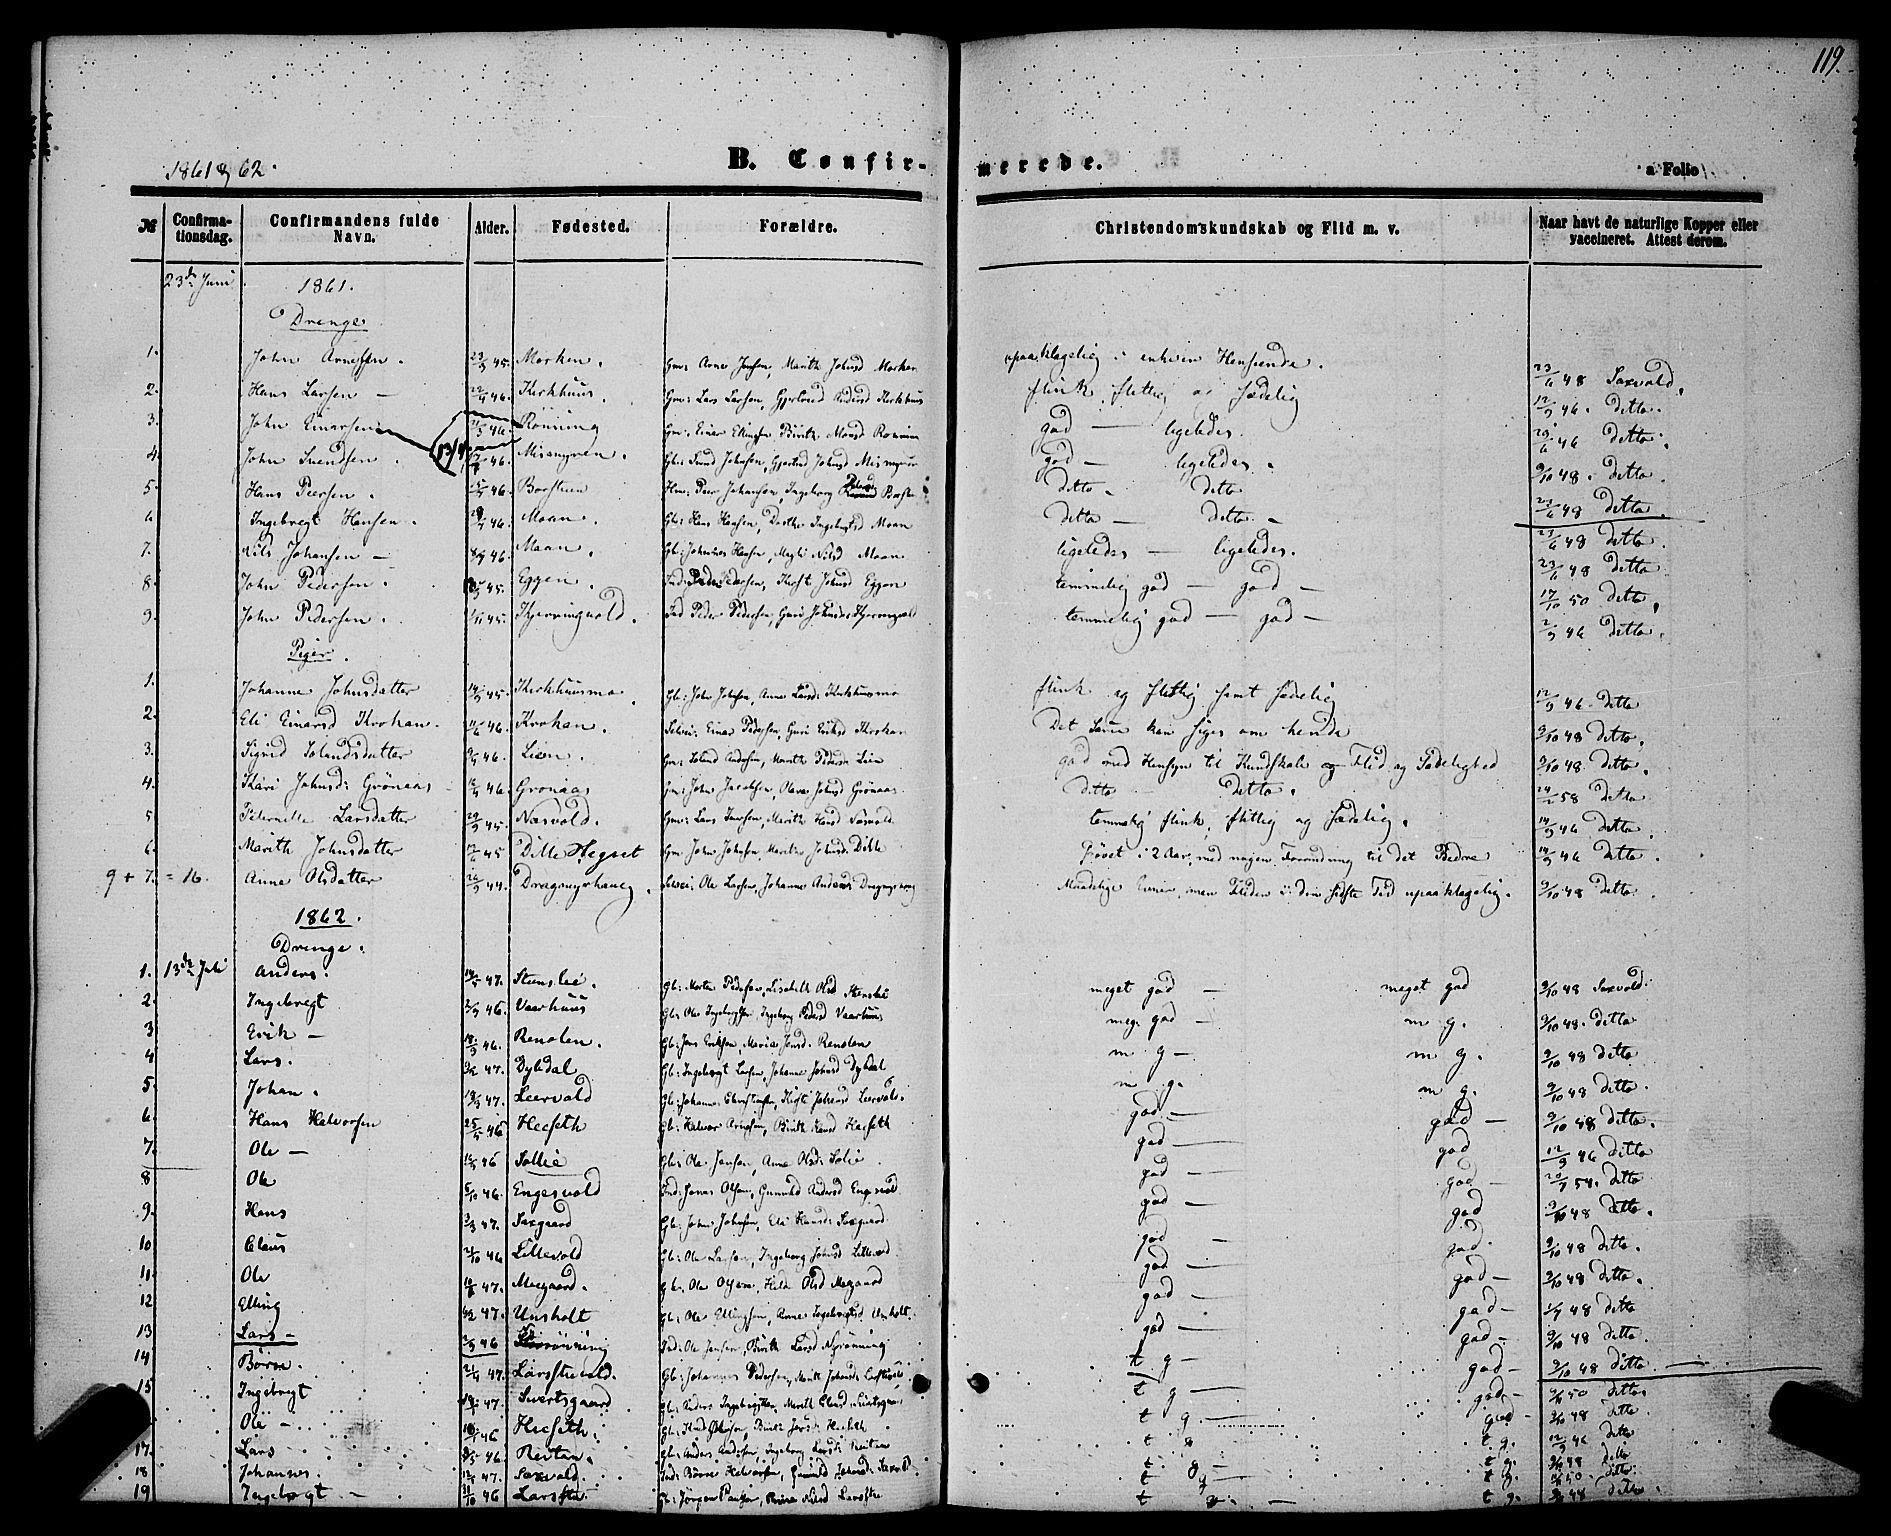 SAT, Ministerialprotokoller, klokkerbøker og fødselsregistre - Sør-Trøndelag, 685/L0968: Ministerialbok nr. 685A07 /3, 1860-1869, s. 119